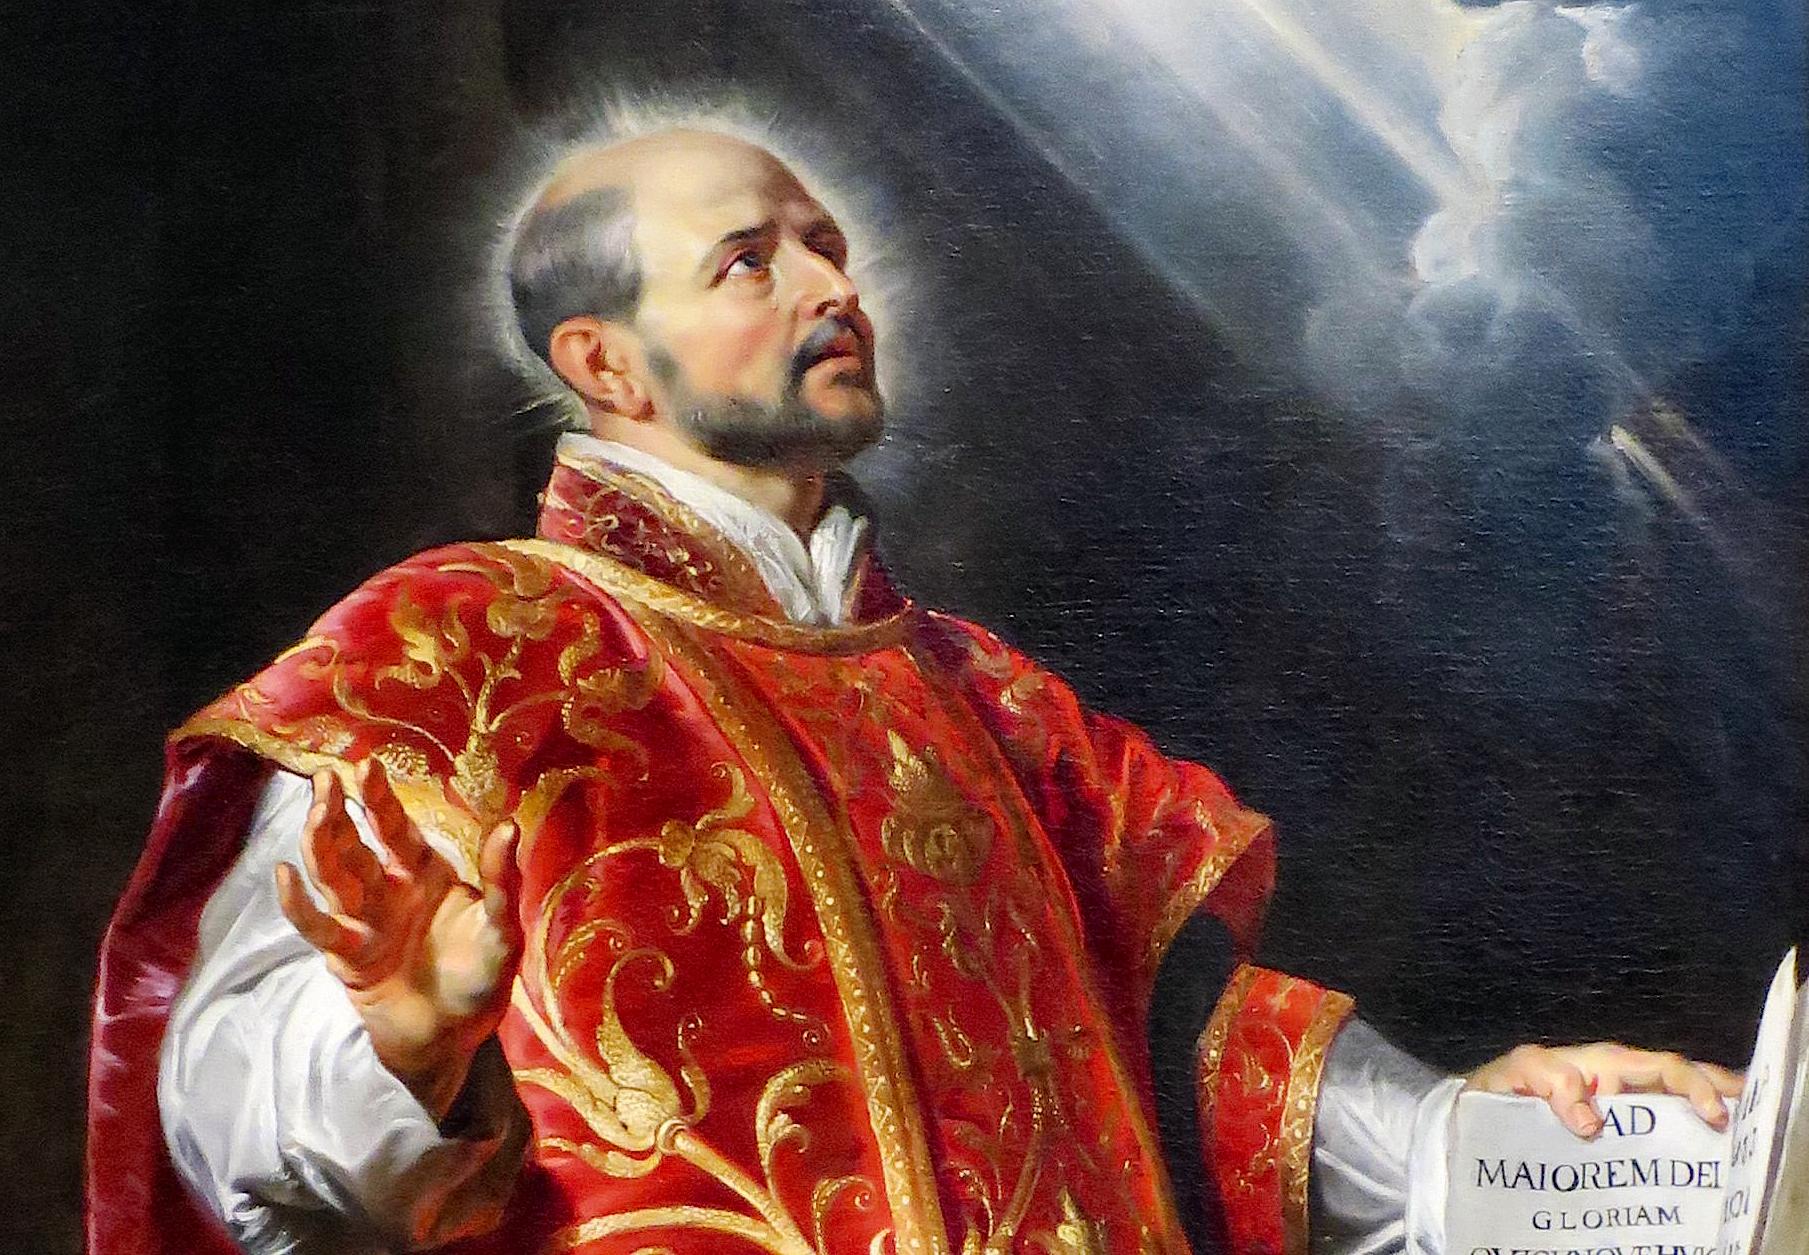 San Ignacio de Loyola (1491-1556)